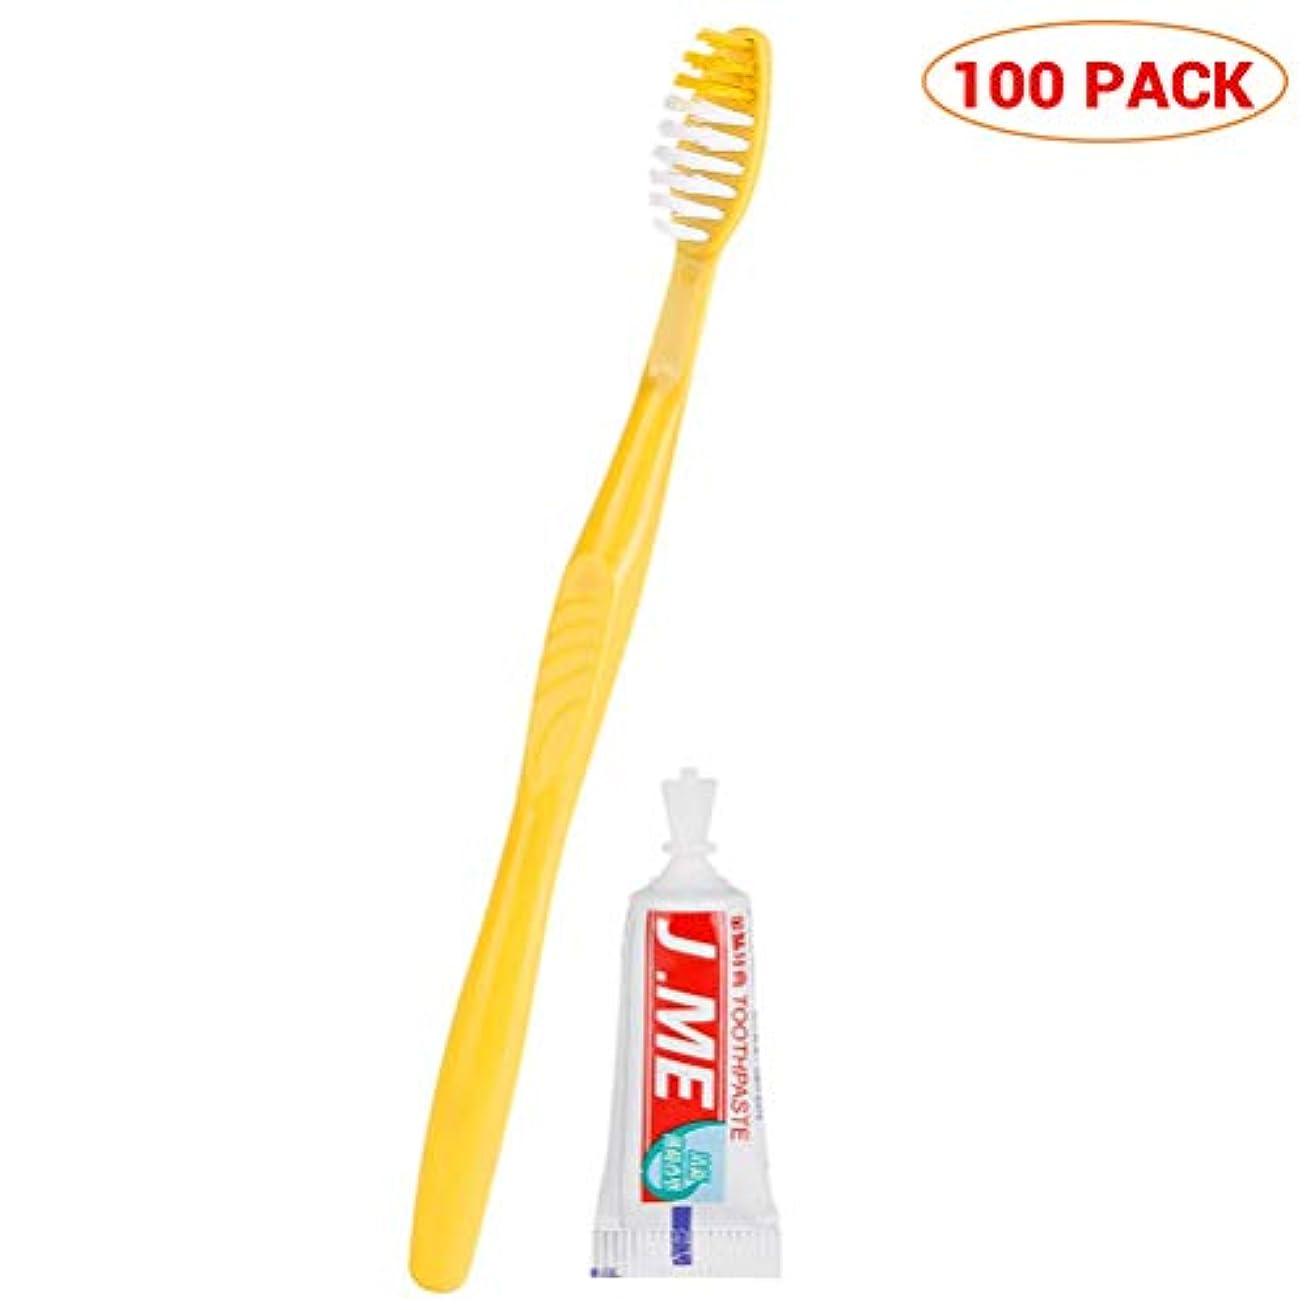 素晴らしきタヒチ聡明URHOMY 100セット歯磨き粉セットポータブル歯磨きキット付き使い捨て歯ブラシ